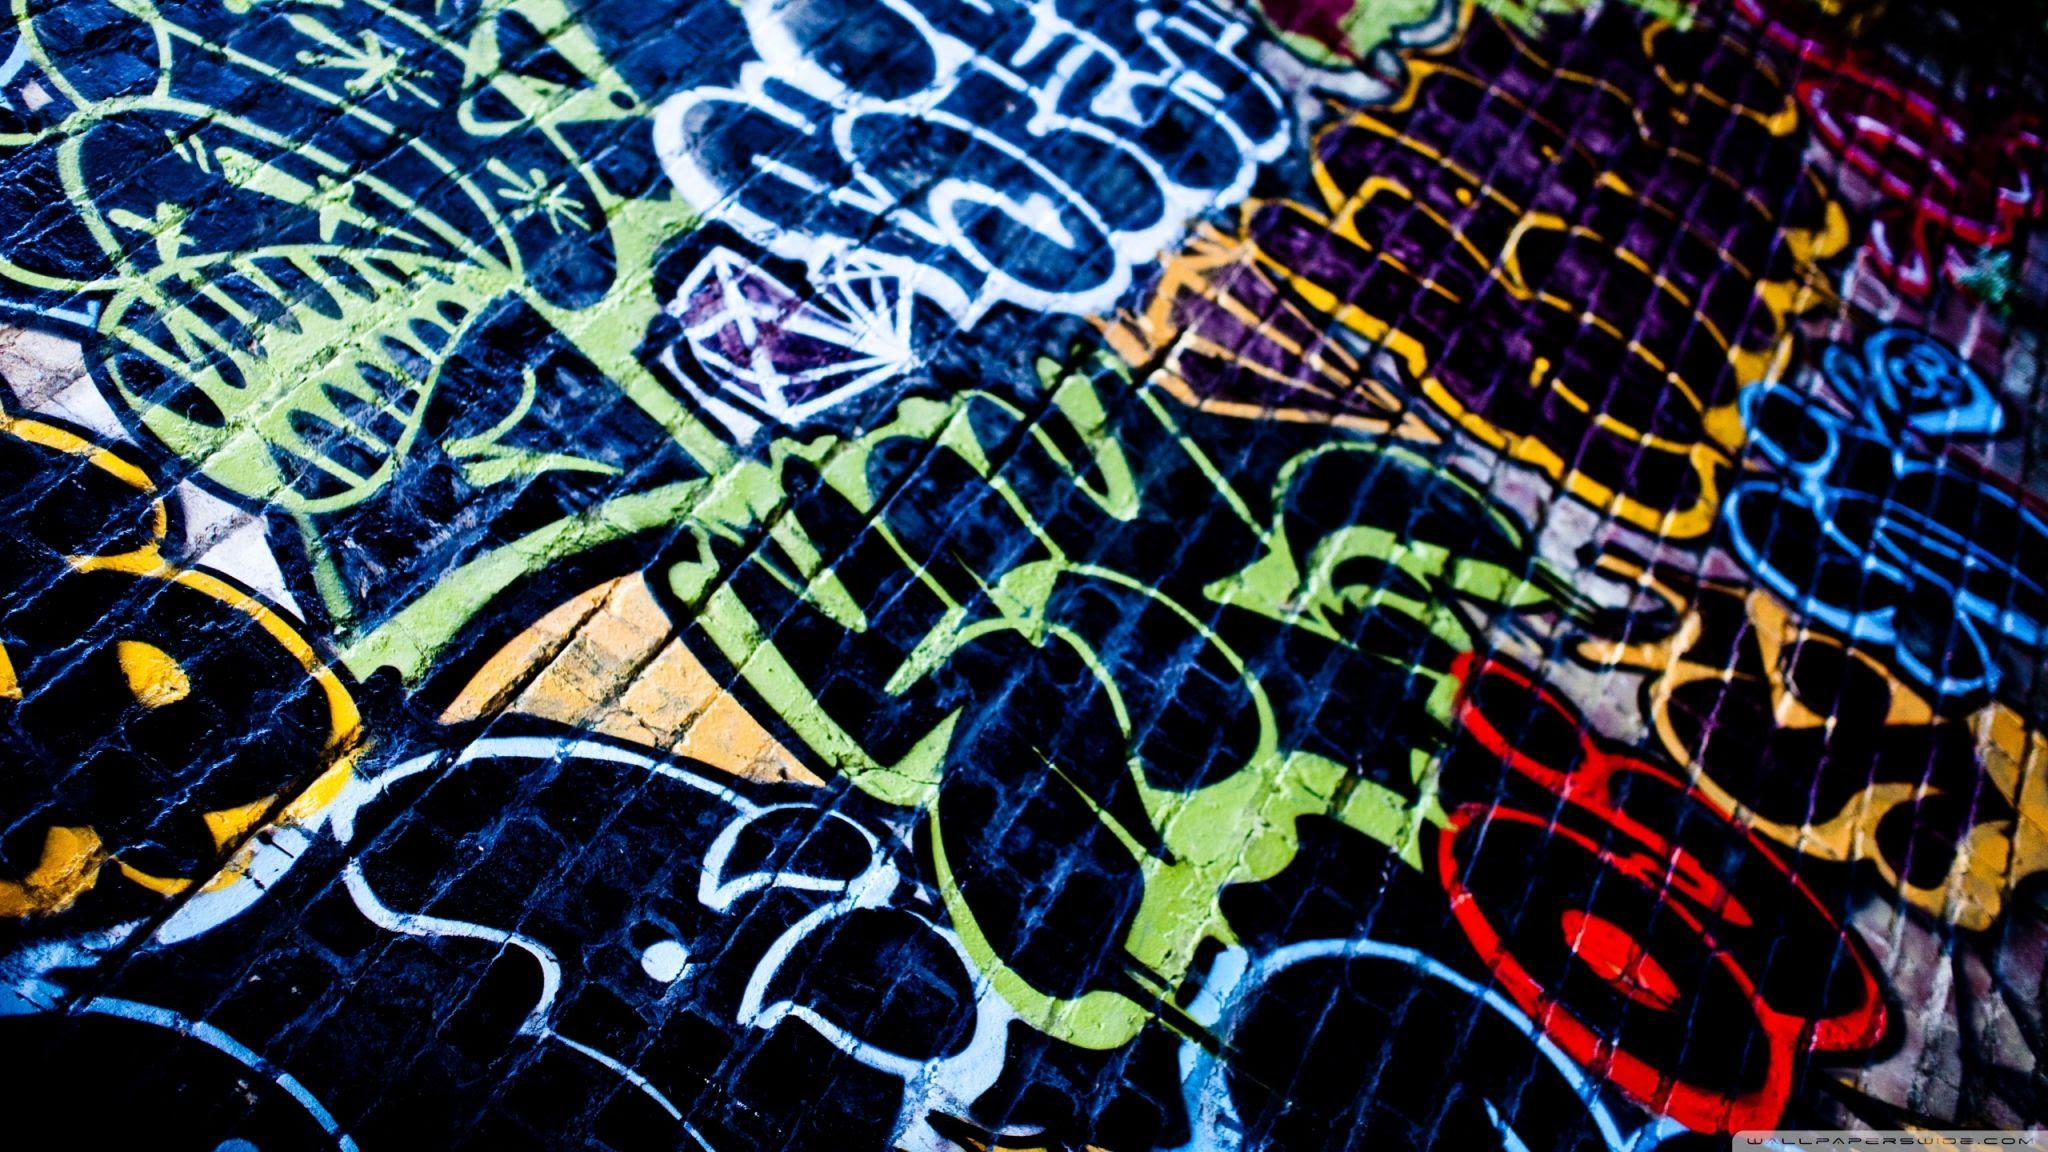 41 Koleksi Wallpaper Hp Graffiti Gratis Terbaru